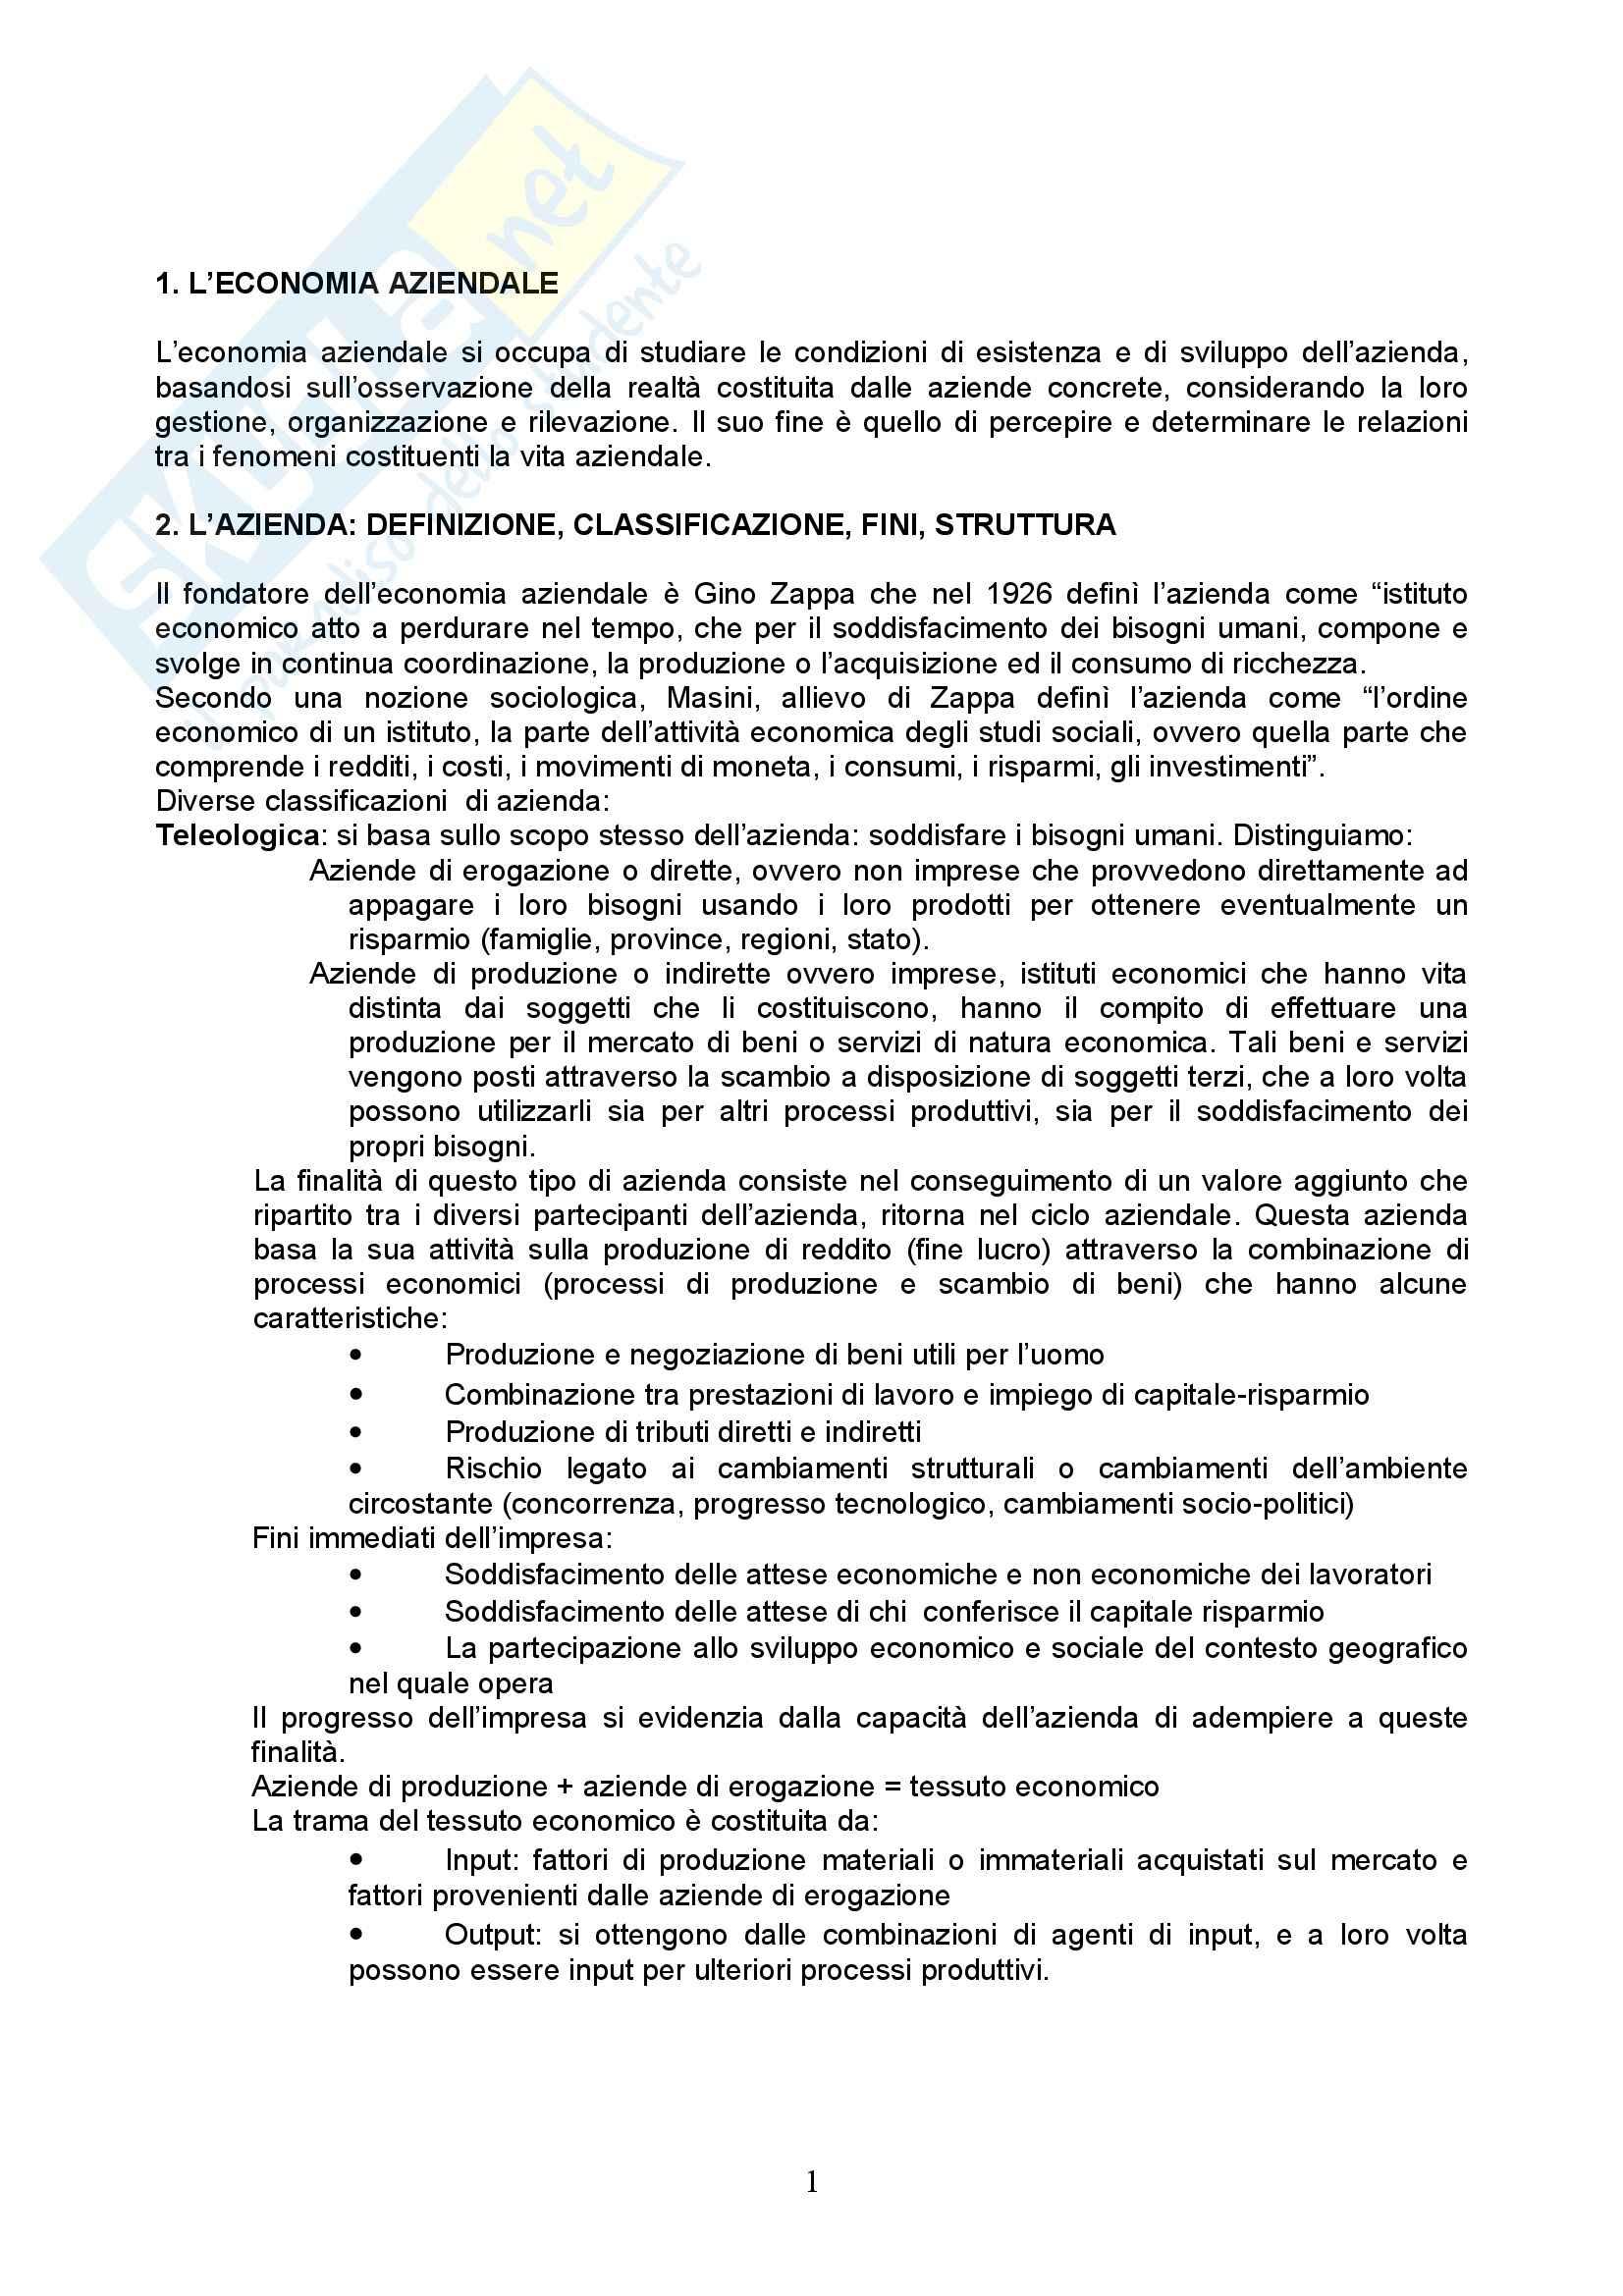 Riassunto esame Economia Aziendale, prof. Vergara, libro consigliato Esistenza e lo Sviluppo dell'Azienda, Puglisi